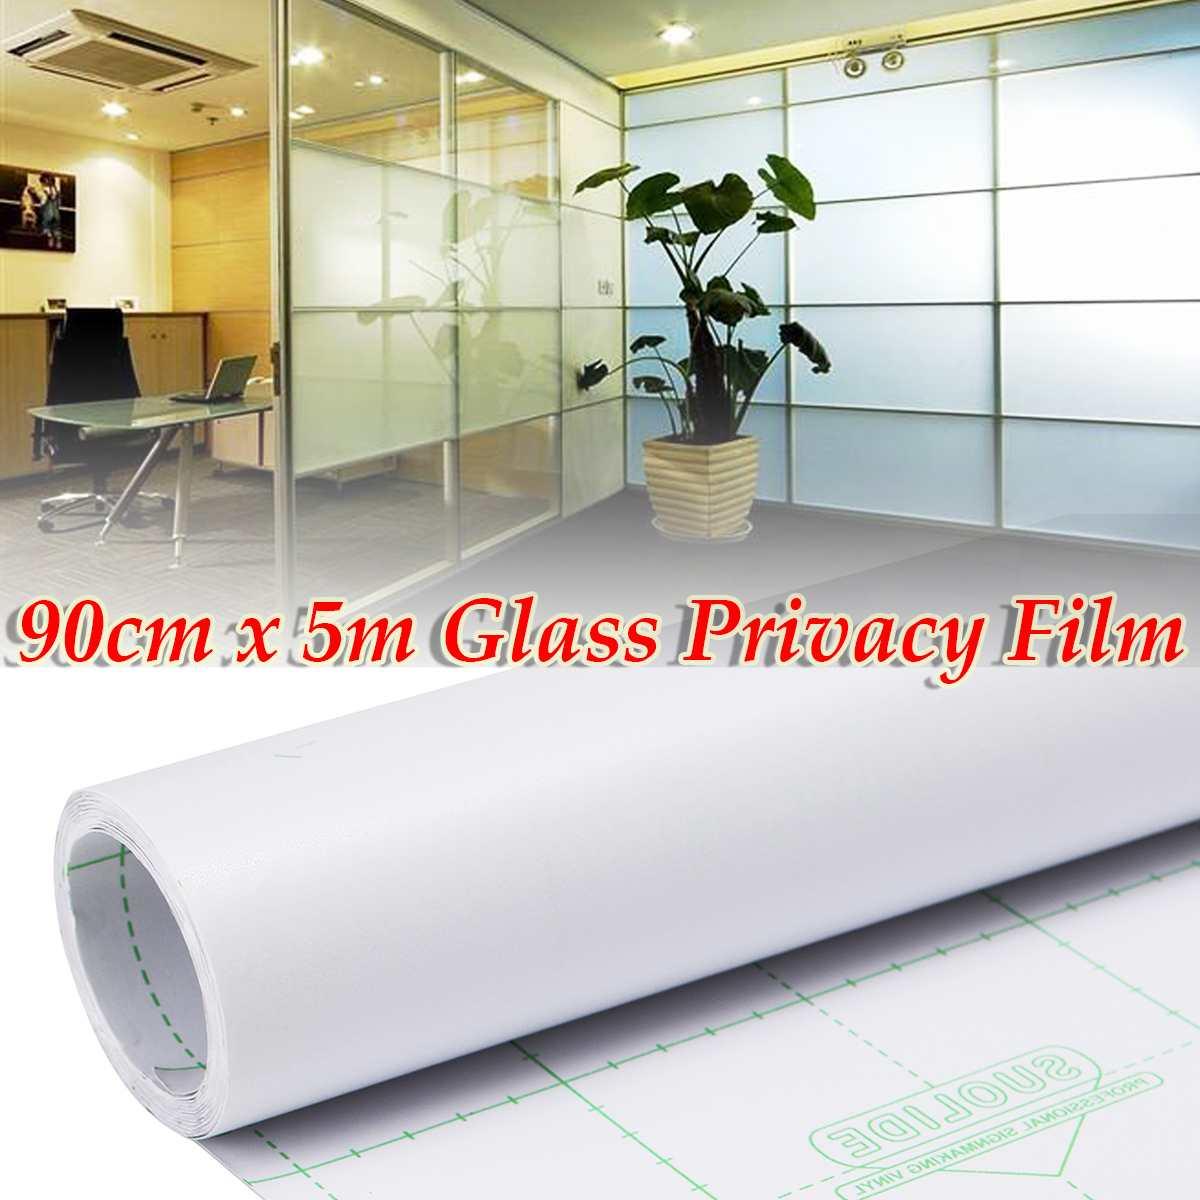 Film de fenêtre intimité teinte verre PVC Film givré pour bricolage maison/bureau/magasin décor à la maison salle de bains fenêtre verre teinte 90 cm x 500 cm